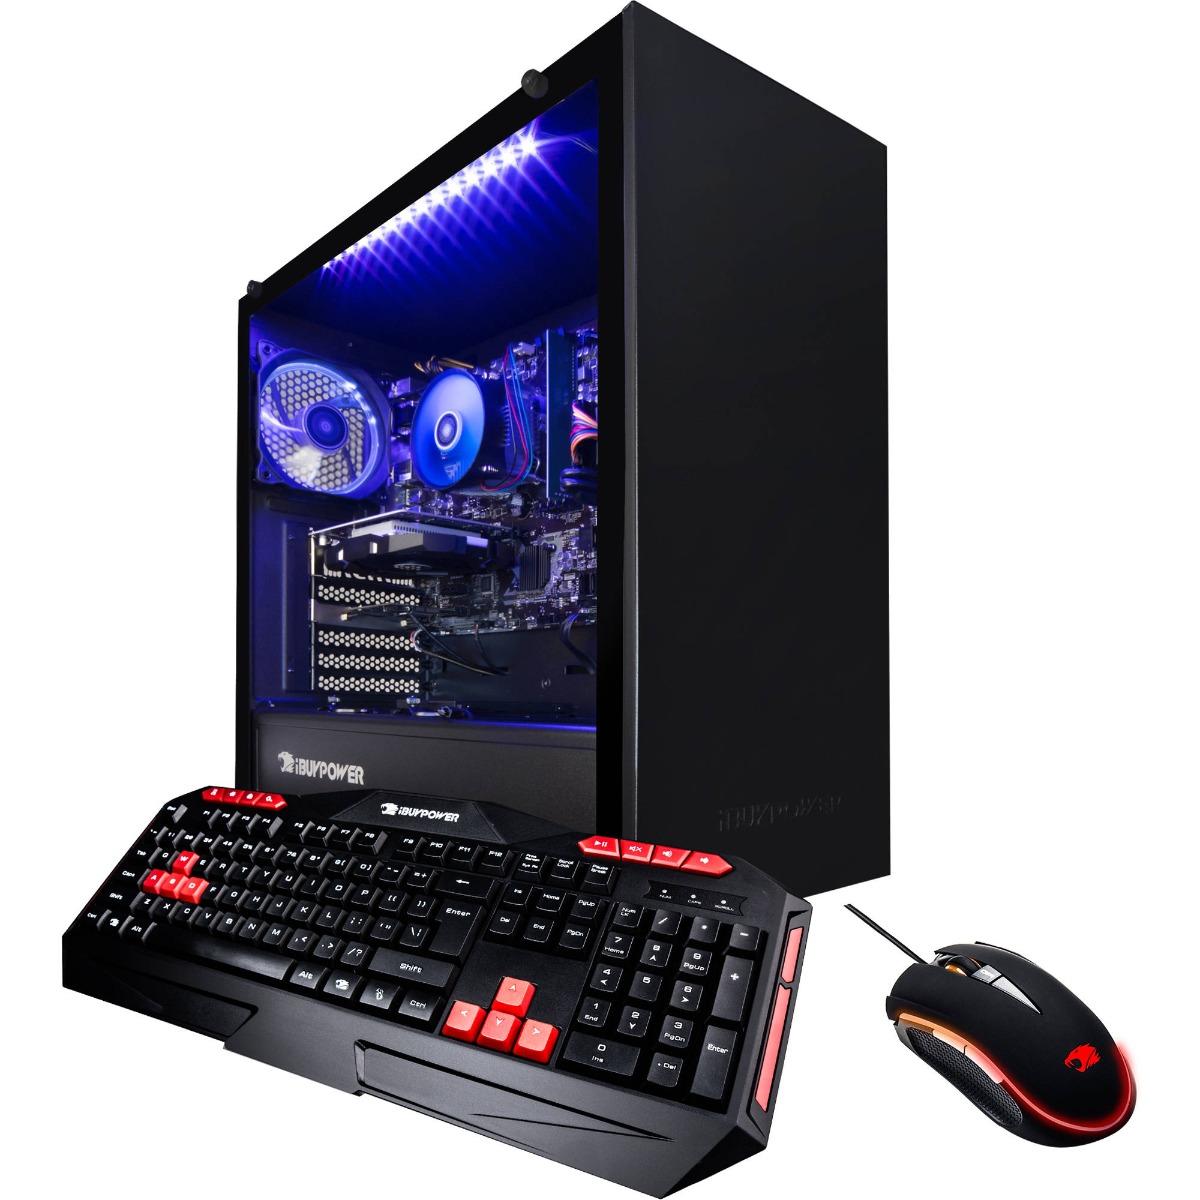 iBUYPOWER ArcB 108A Desktop Computer